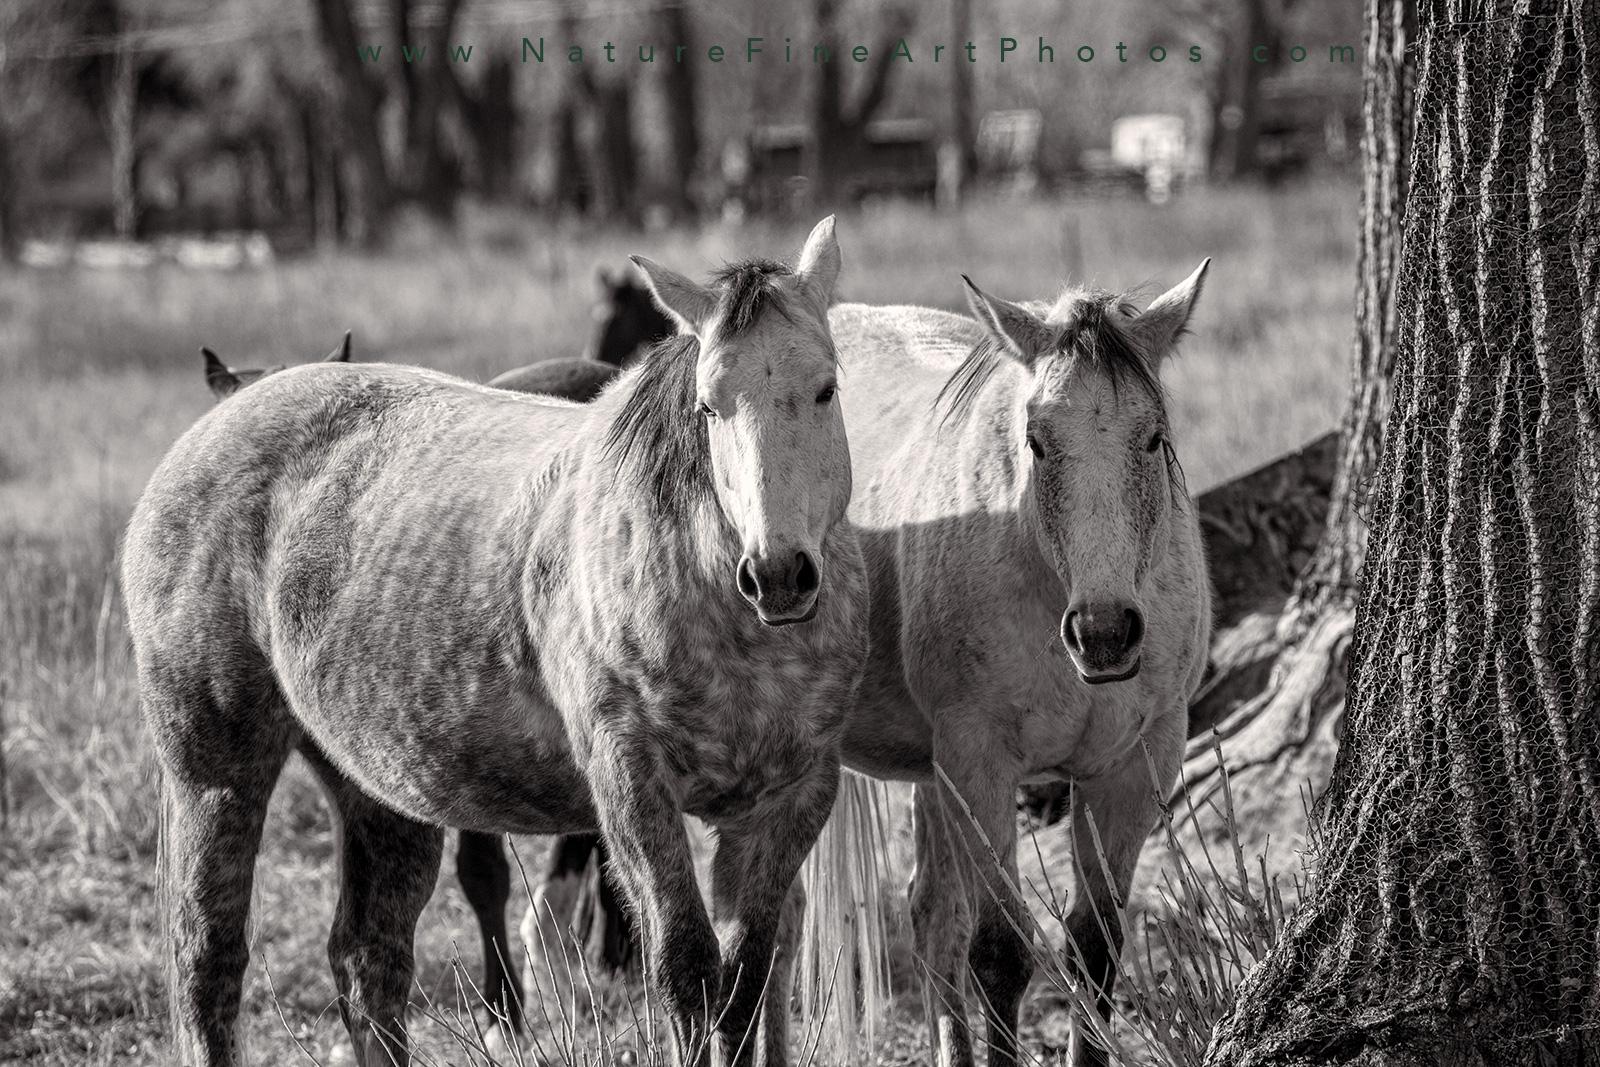 Big mamas horse photo